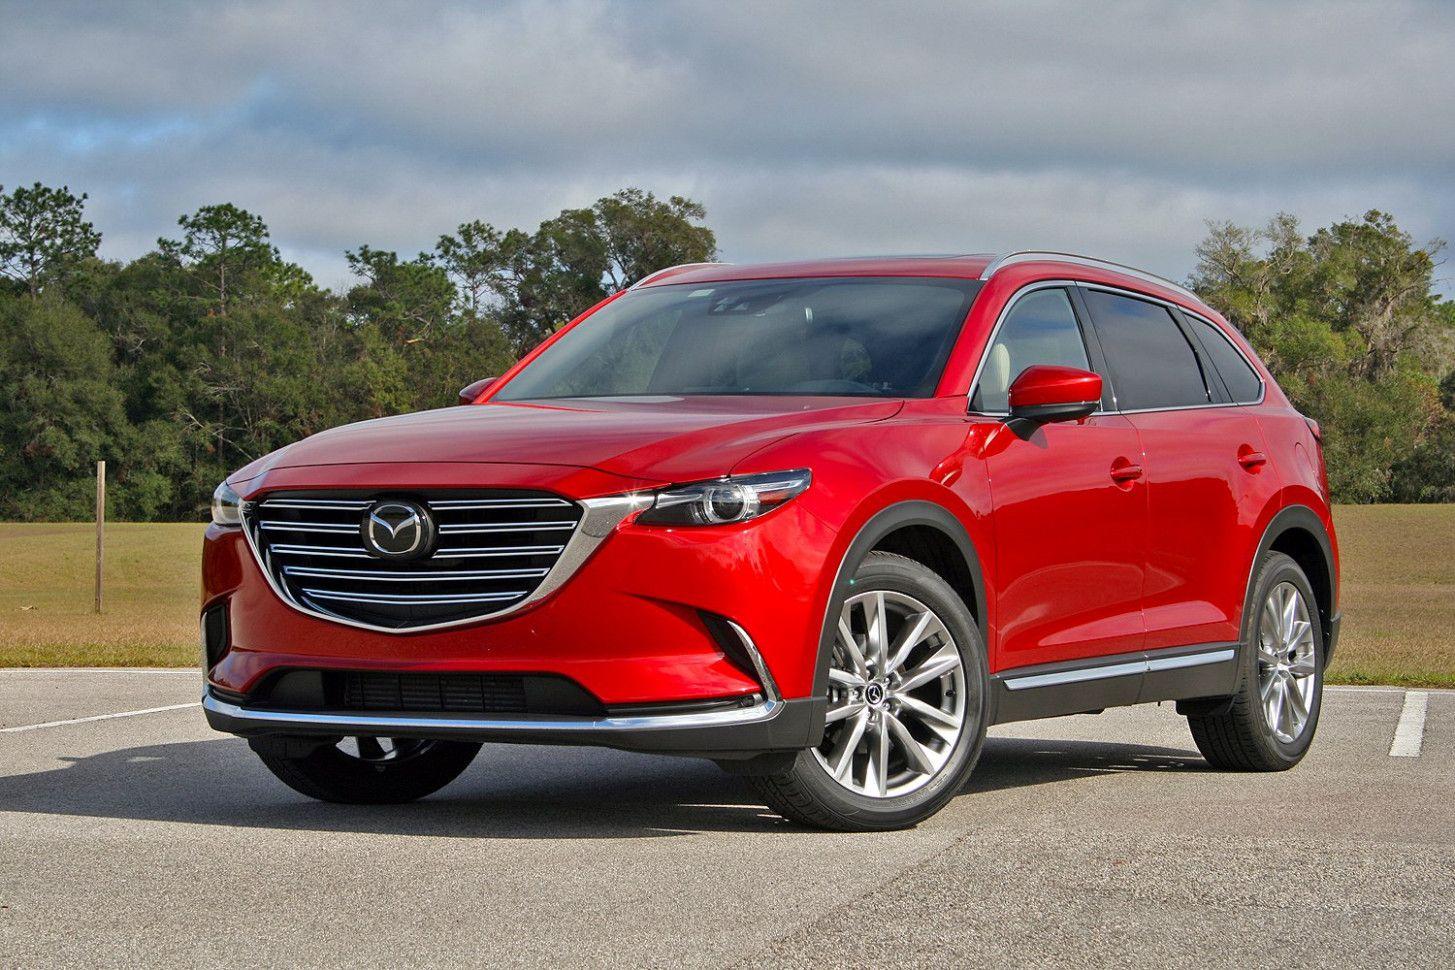 2021 Mazda Cx 9 Redesign And Assessment V 2020 G Avtomobili Mechty Avtomobil Budushego Avtomobili